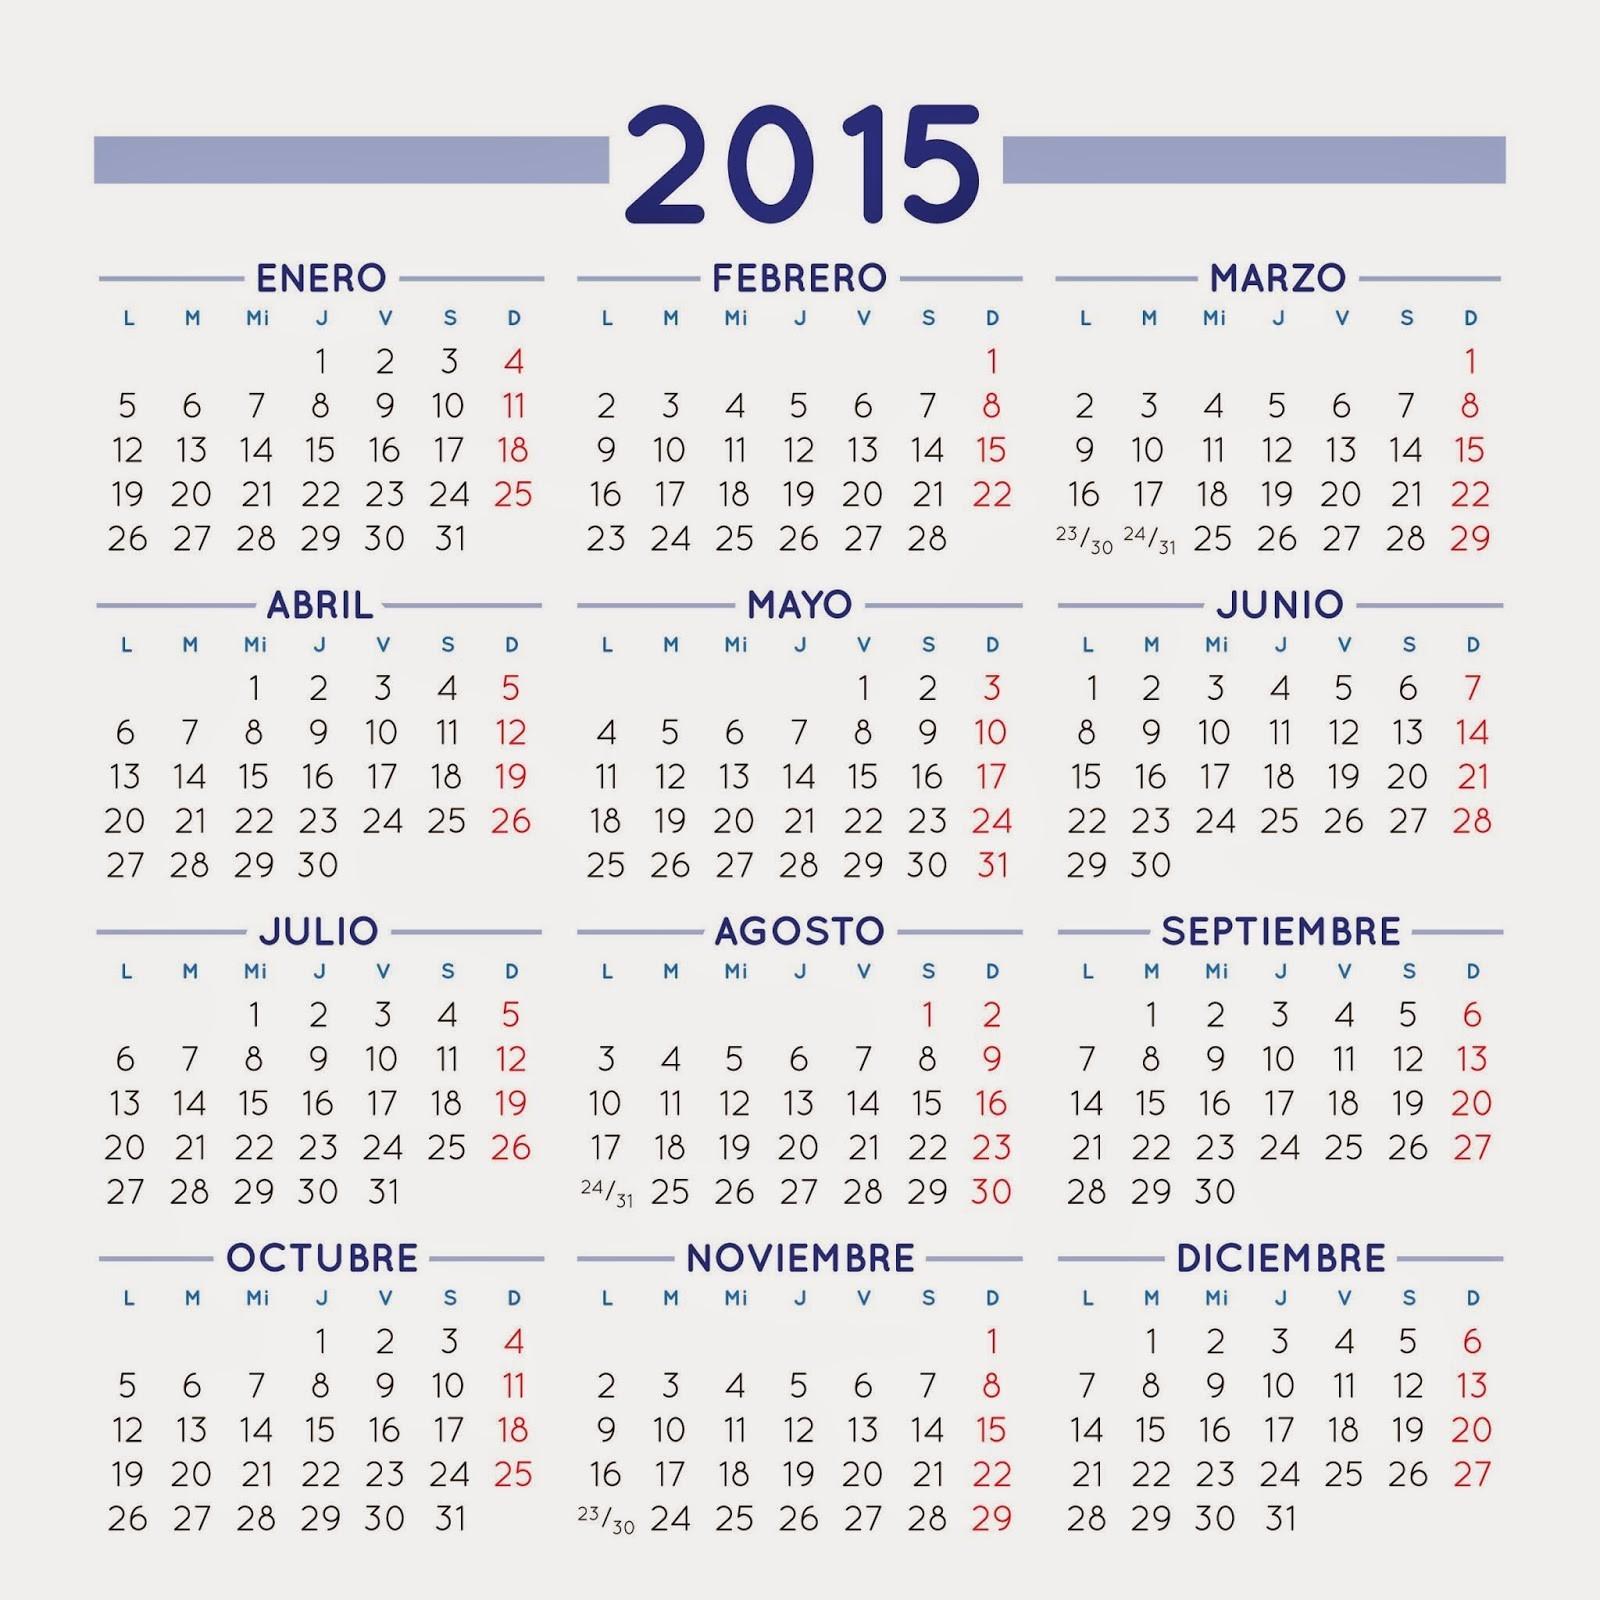 Calendario Enero Febrero 2018 Chile Más Reciente Evaluar Calendario 2017 Para Imprimir Con Feriados En Argentina Of Calendario Enero Febrero 2018 Chile Más Actual Determinar Calendario Septiembre 2019 Para Imprimir Mexico